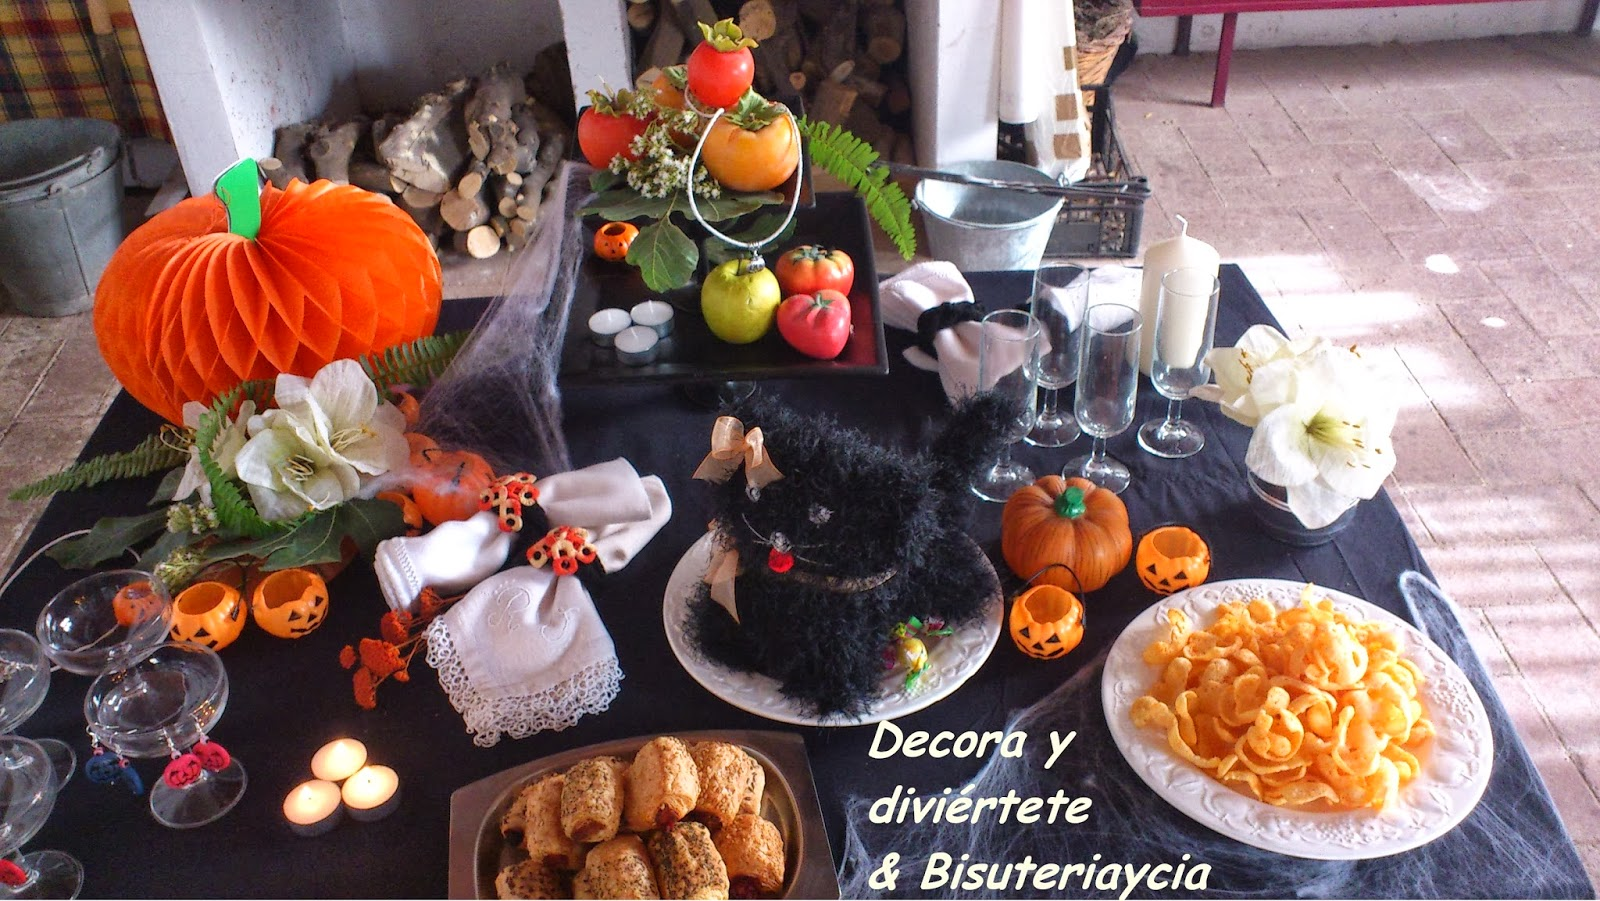 La decoraci n de una mesa de halloween casera decora y - Decoracion mesa halloween ...